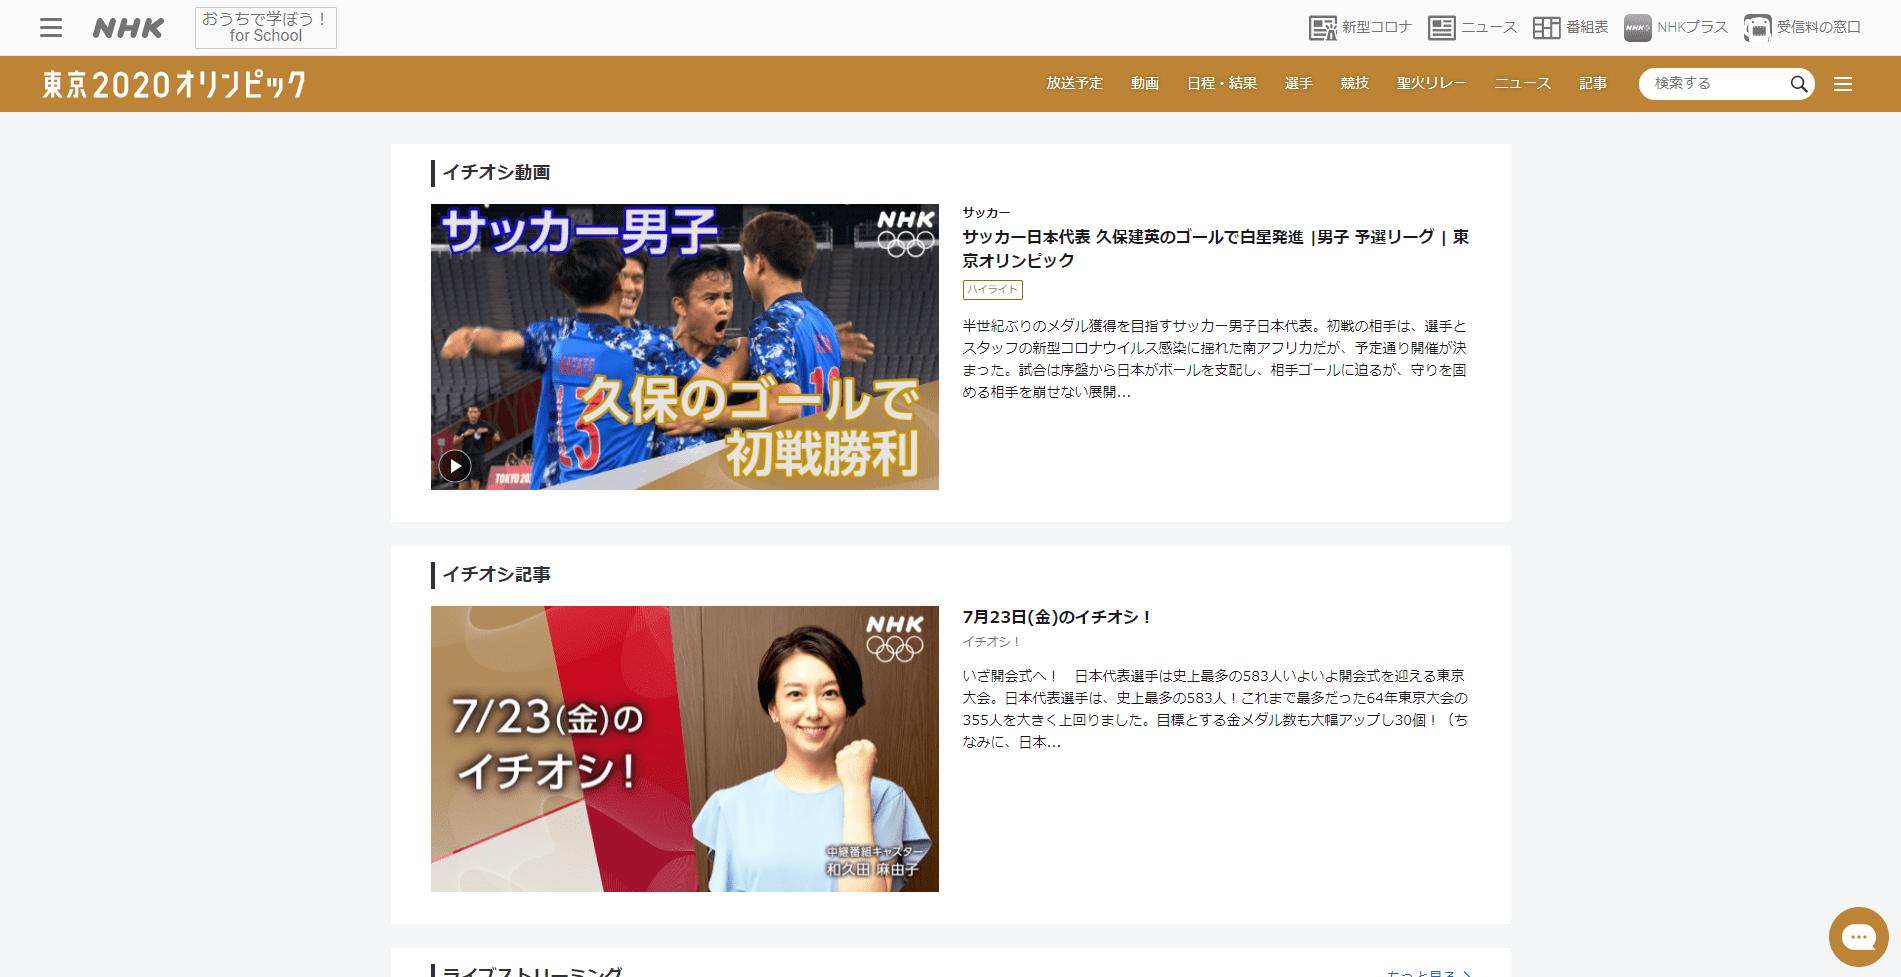 役立つ知識 【オリンピックのライブ配信&見逃し配信を録画する方法】東京2020オリンピックのライブ配信・見逃し配信をパソコンで録画する方法 NHKJ東京2020オリンピックサイトのトップページ